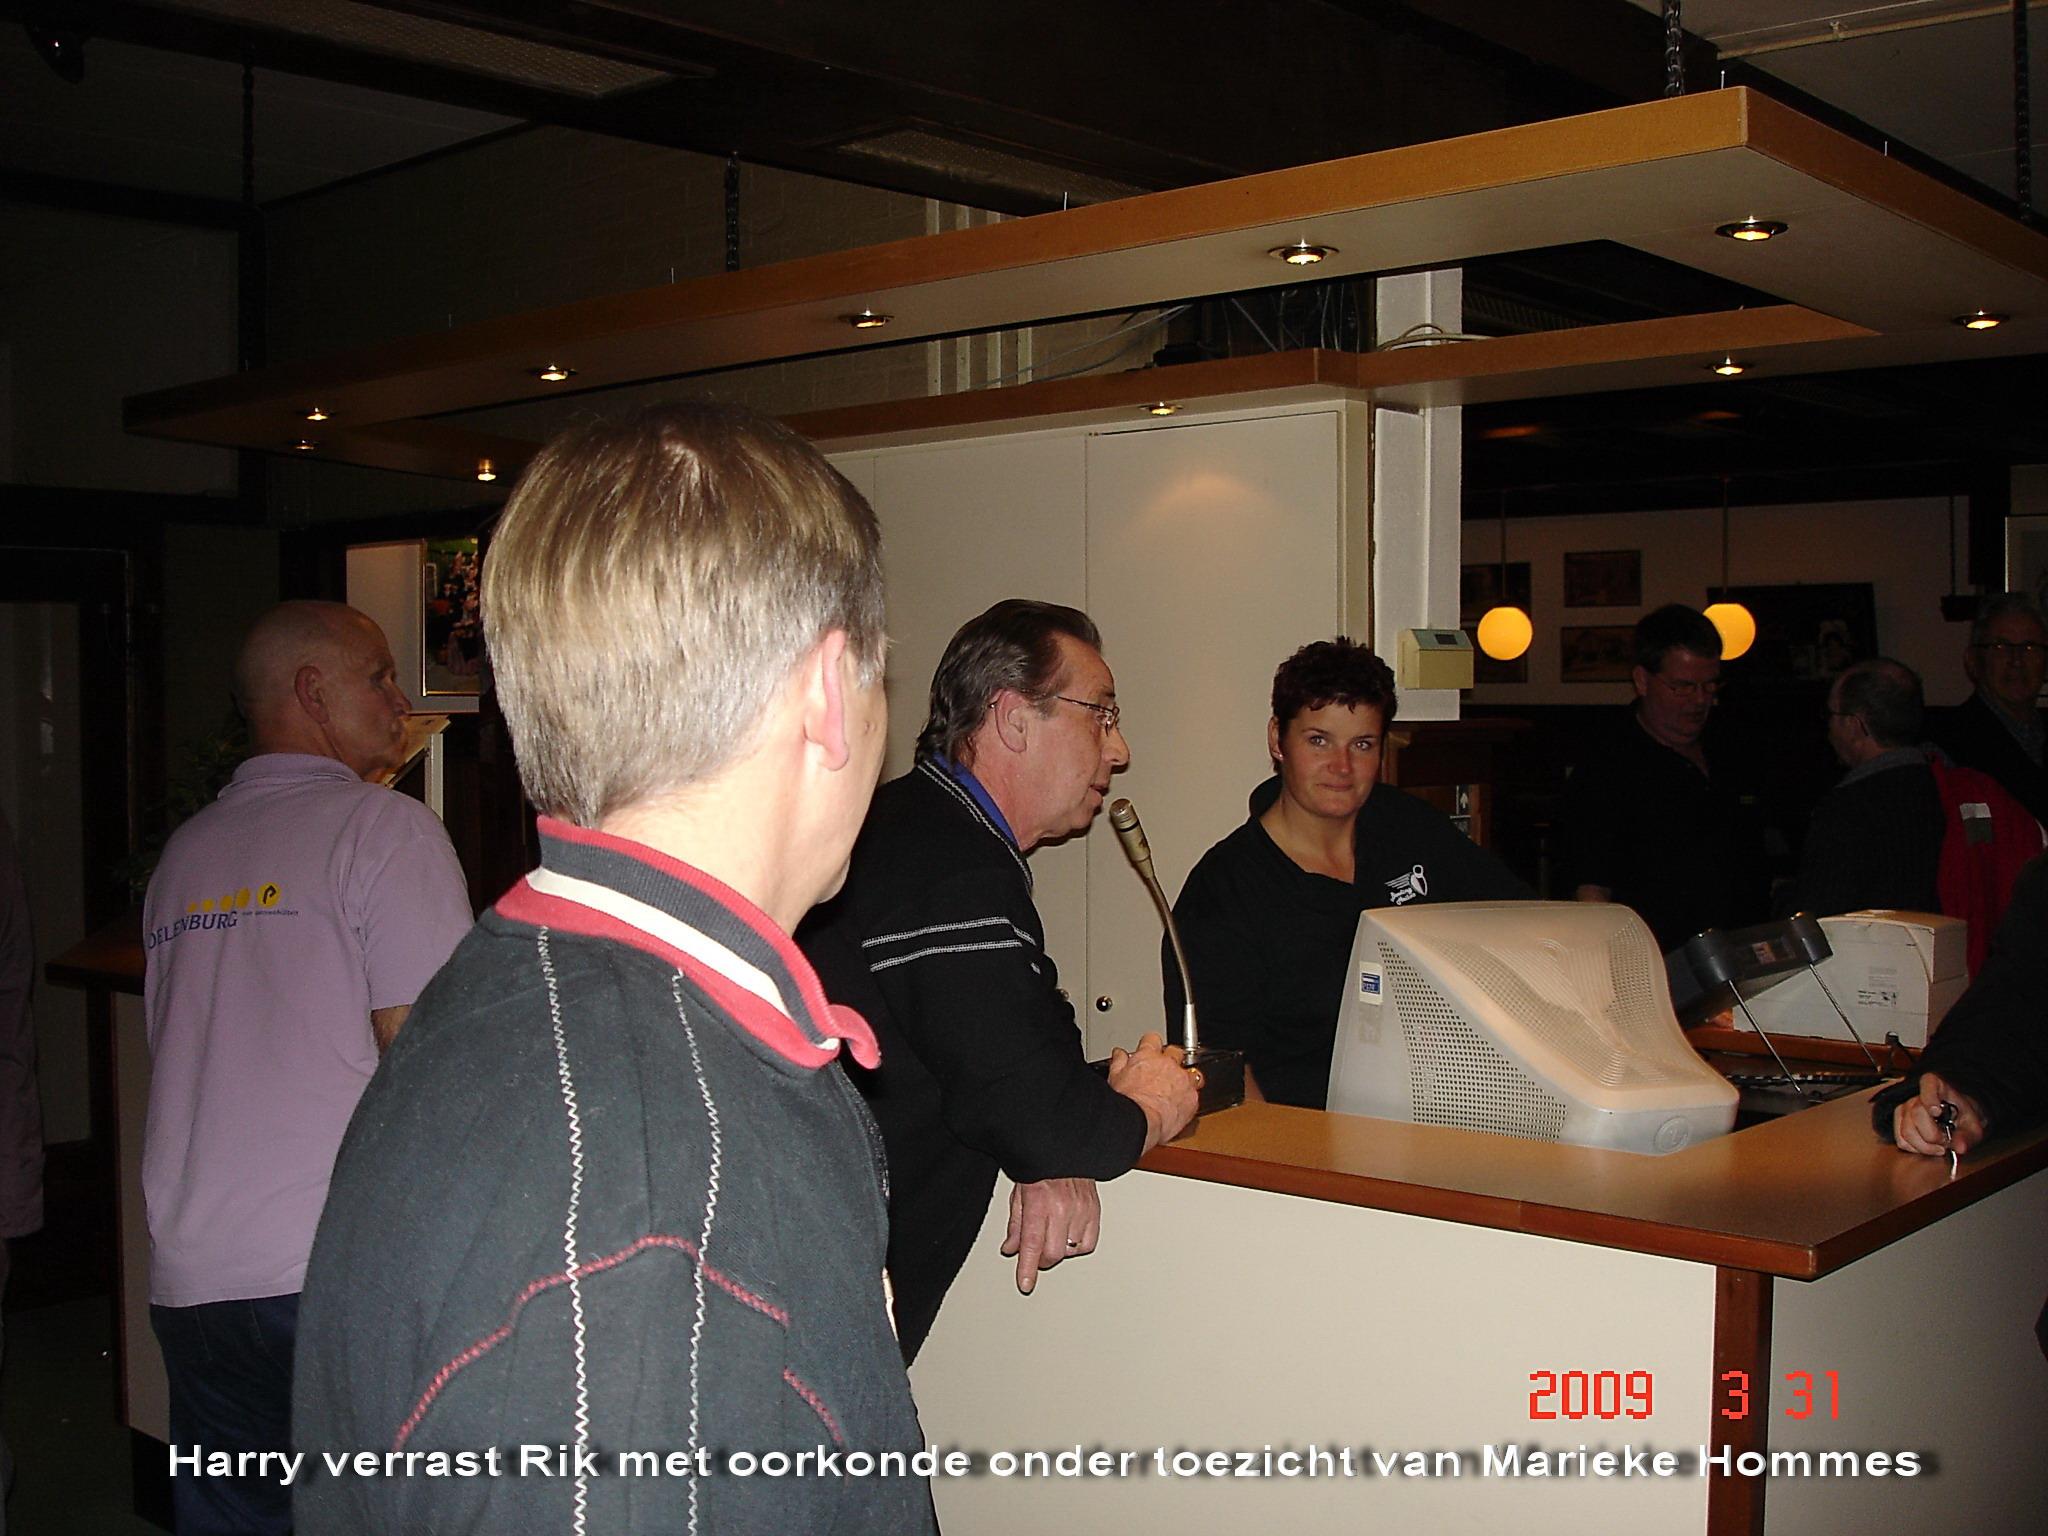 http://www.bowlingverenigingheiloo.nl/wall_of_fame/foto's/2009_0331-NBF-Oorkonde(299game)HarryGrootverrastRikNap.jpg